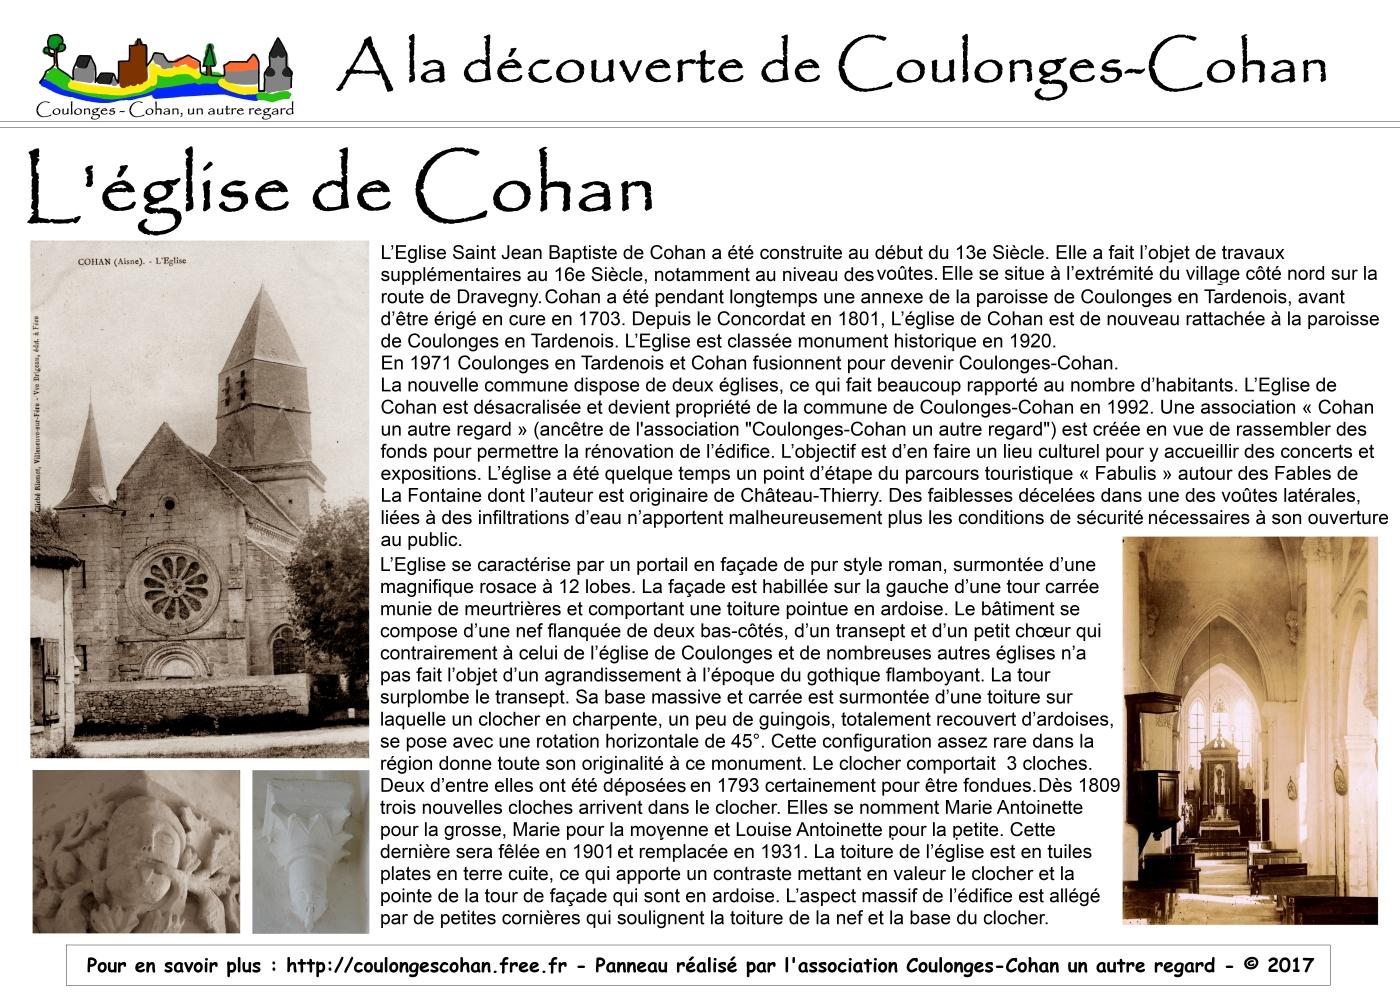 L-Eglise Cohan